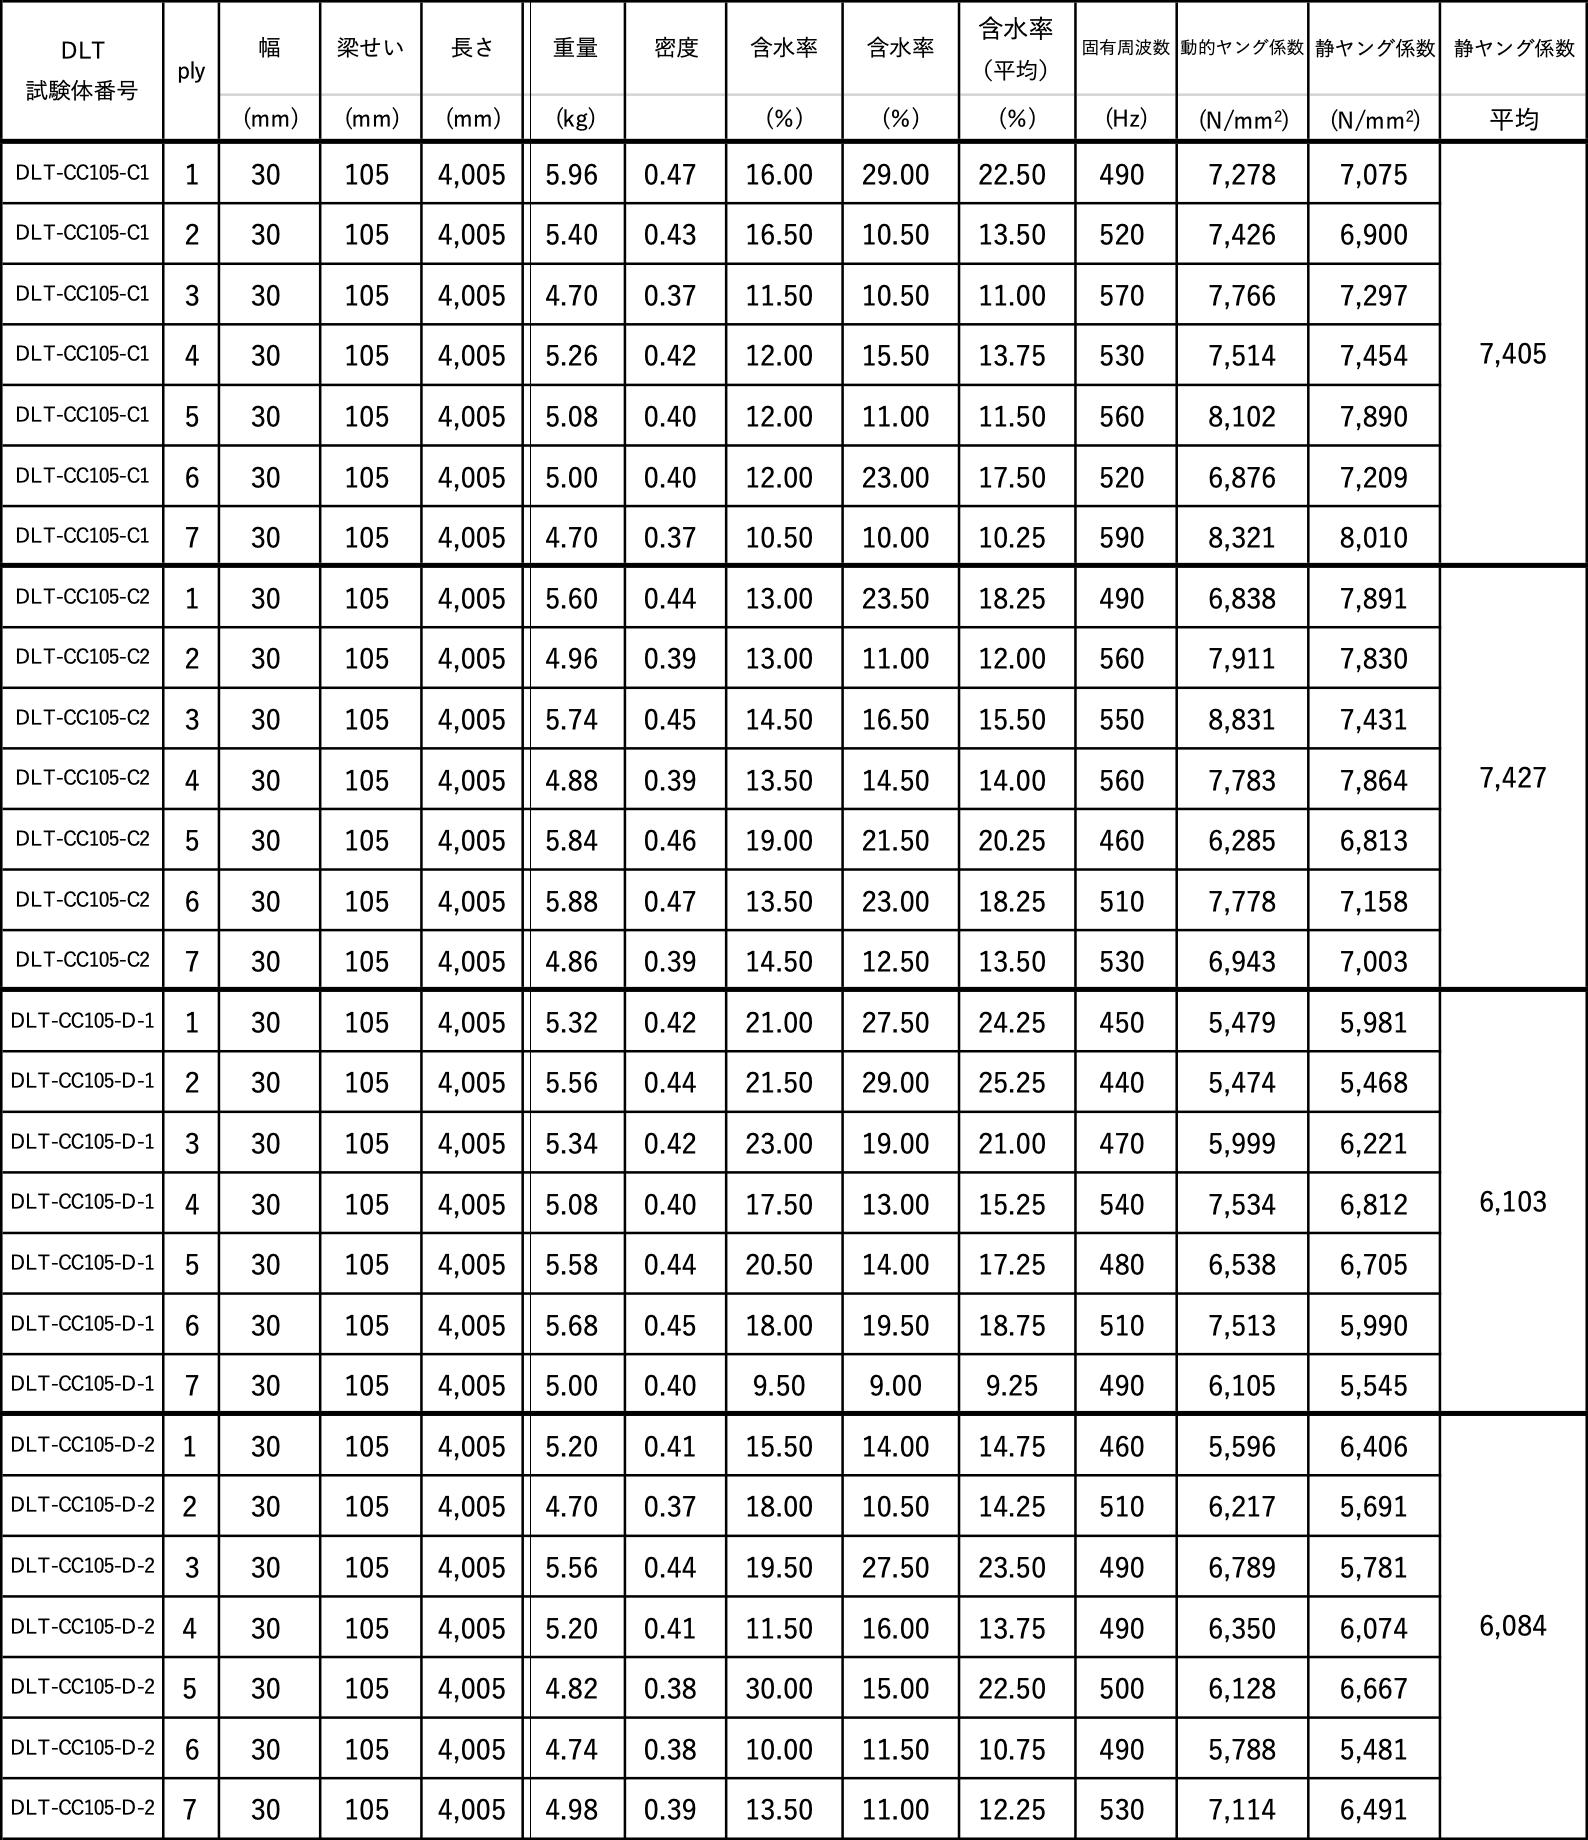 ウェブ材のヤング係数(2)